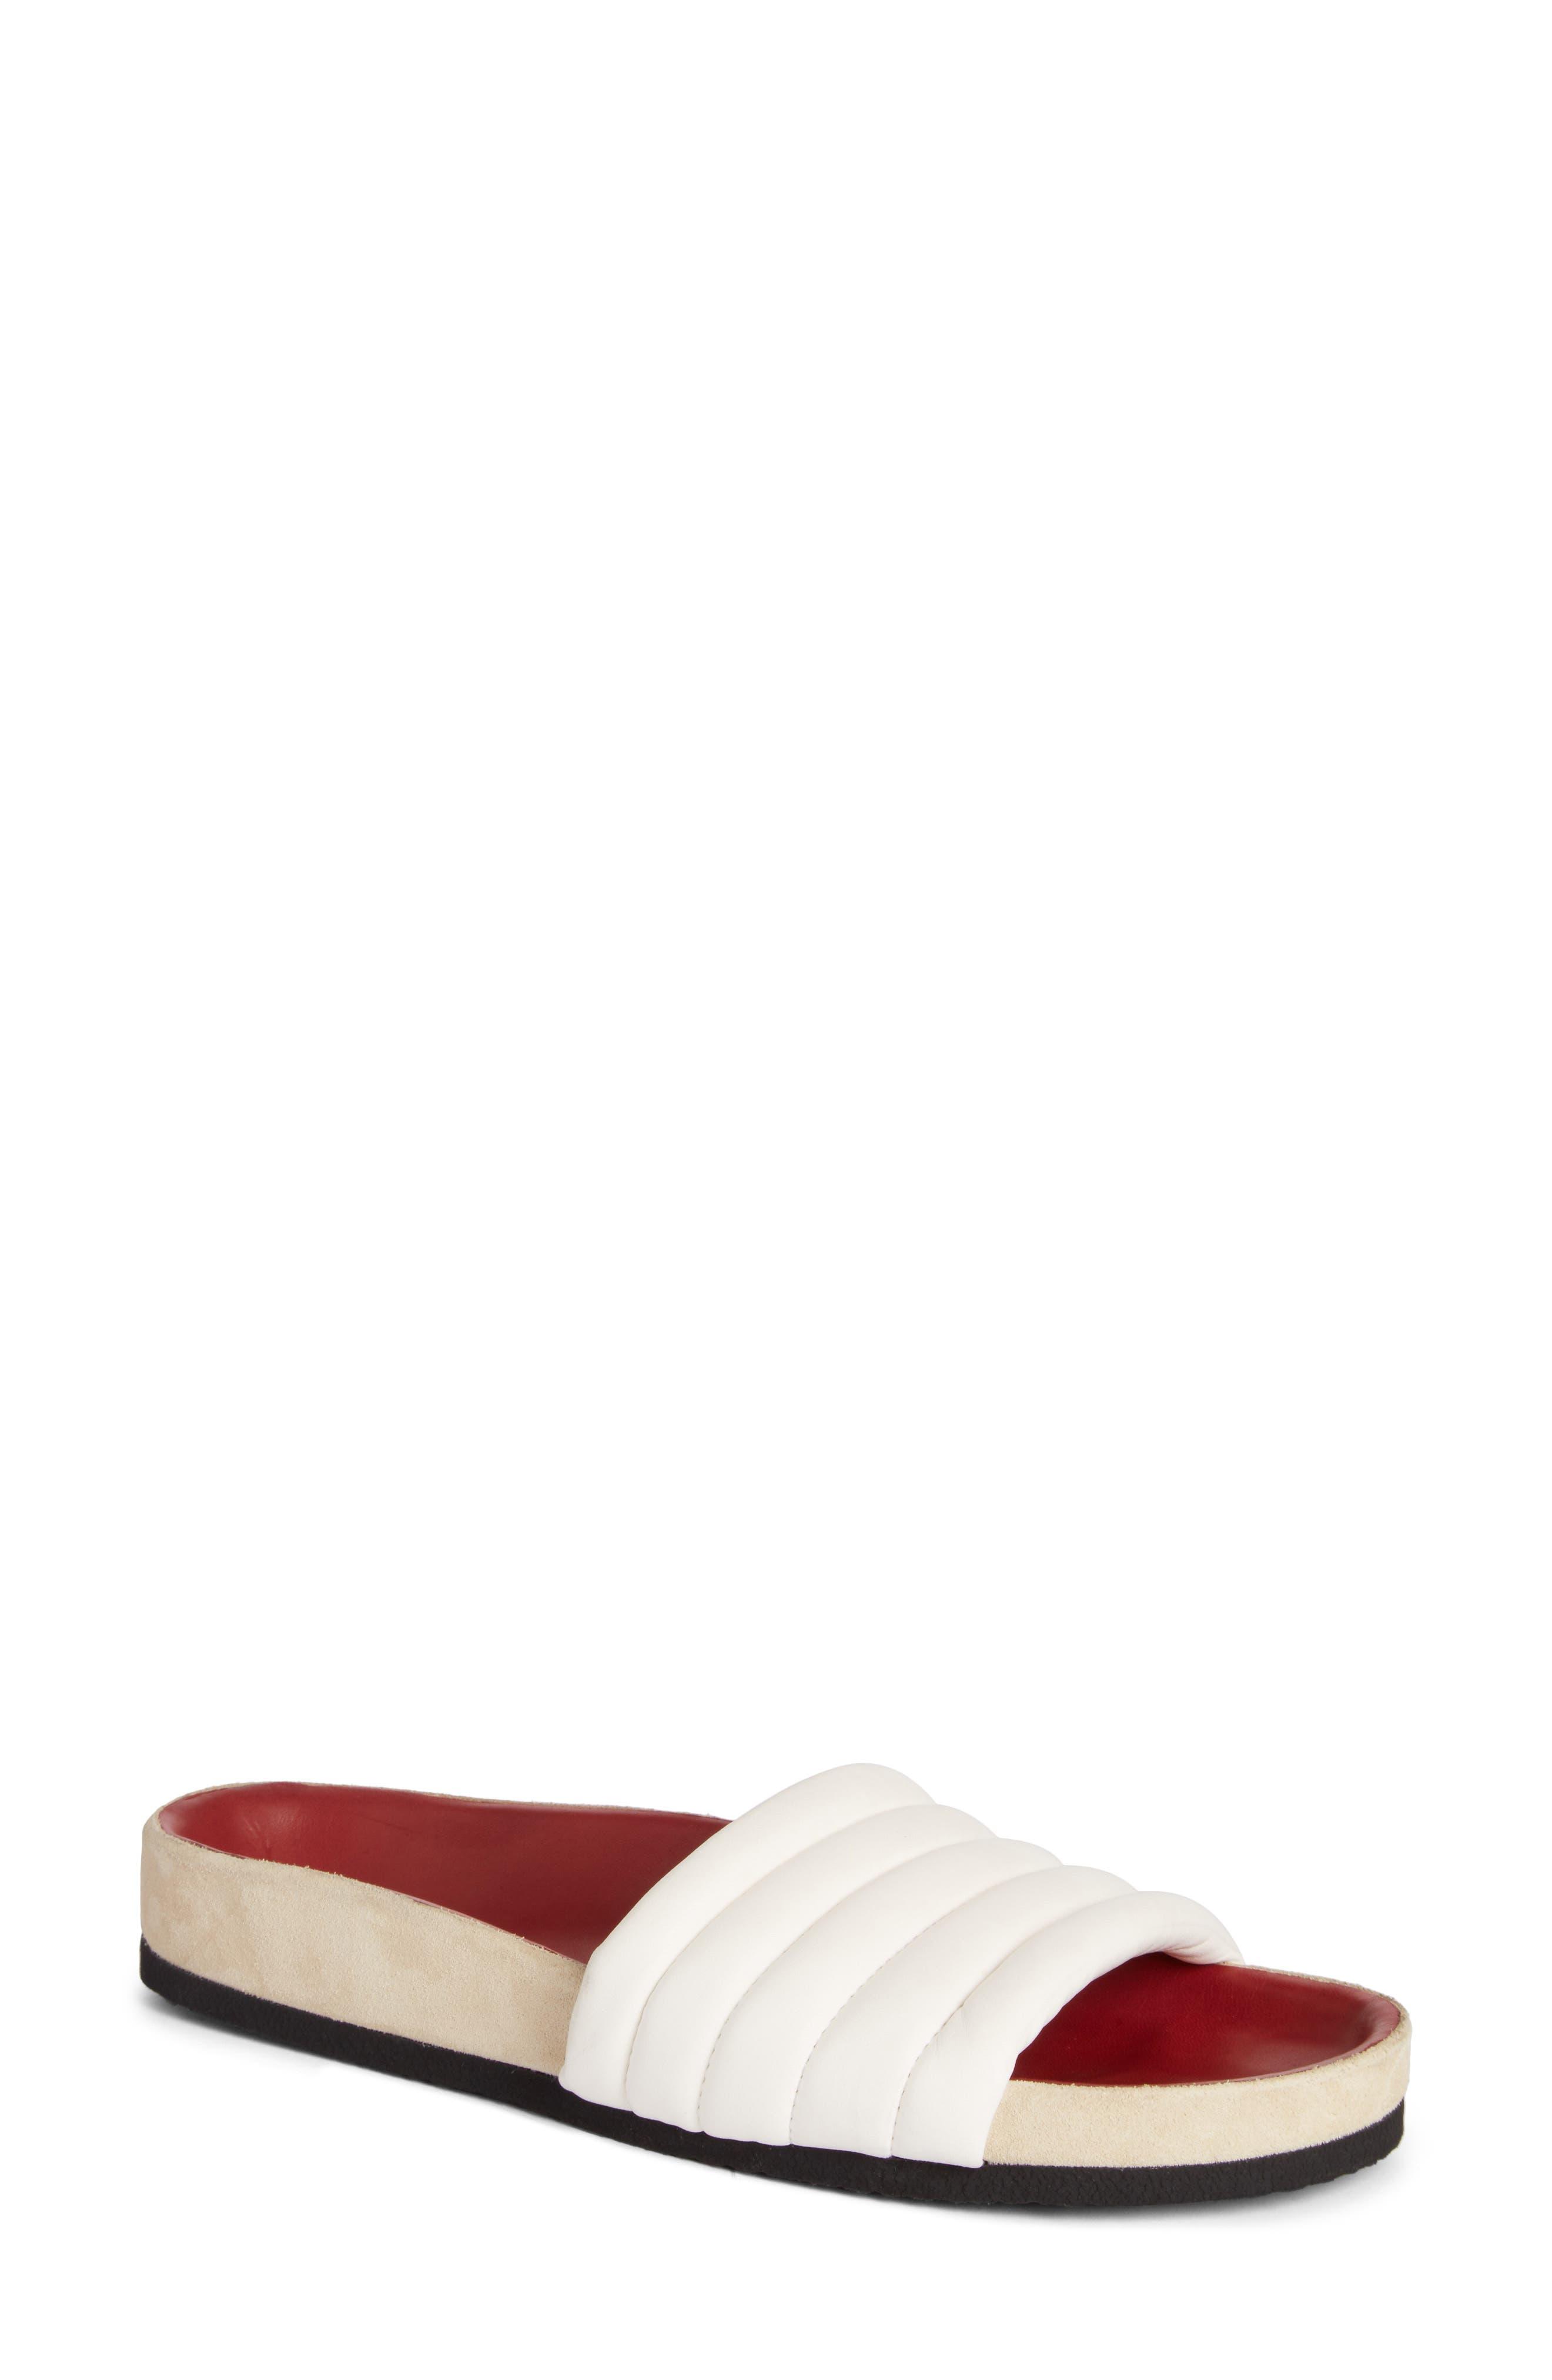 Hellea Slide Sandal,                         Main,                         color, White